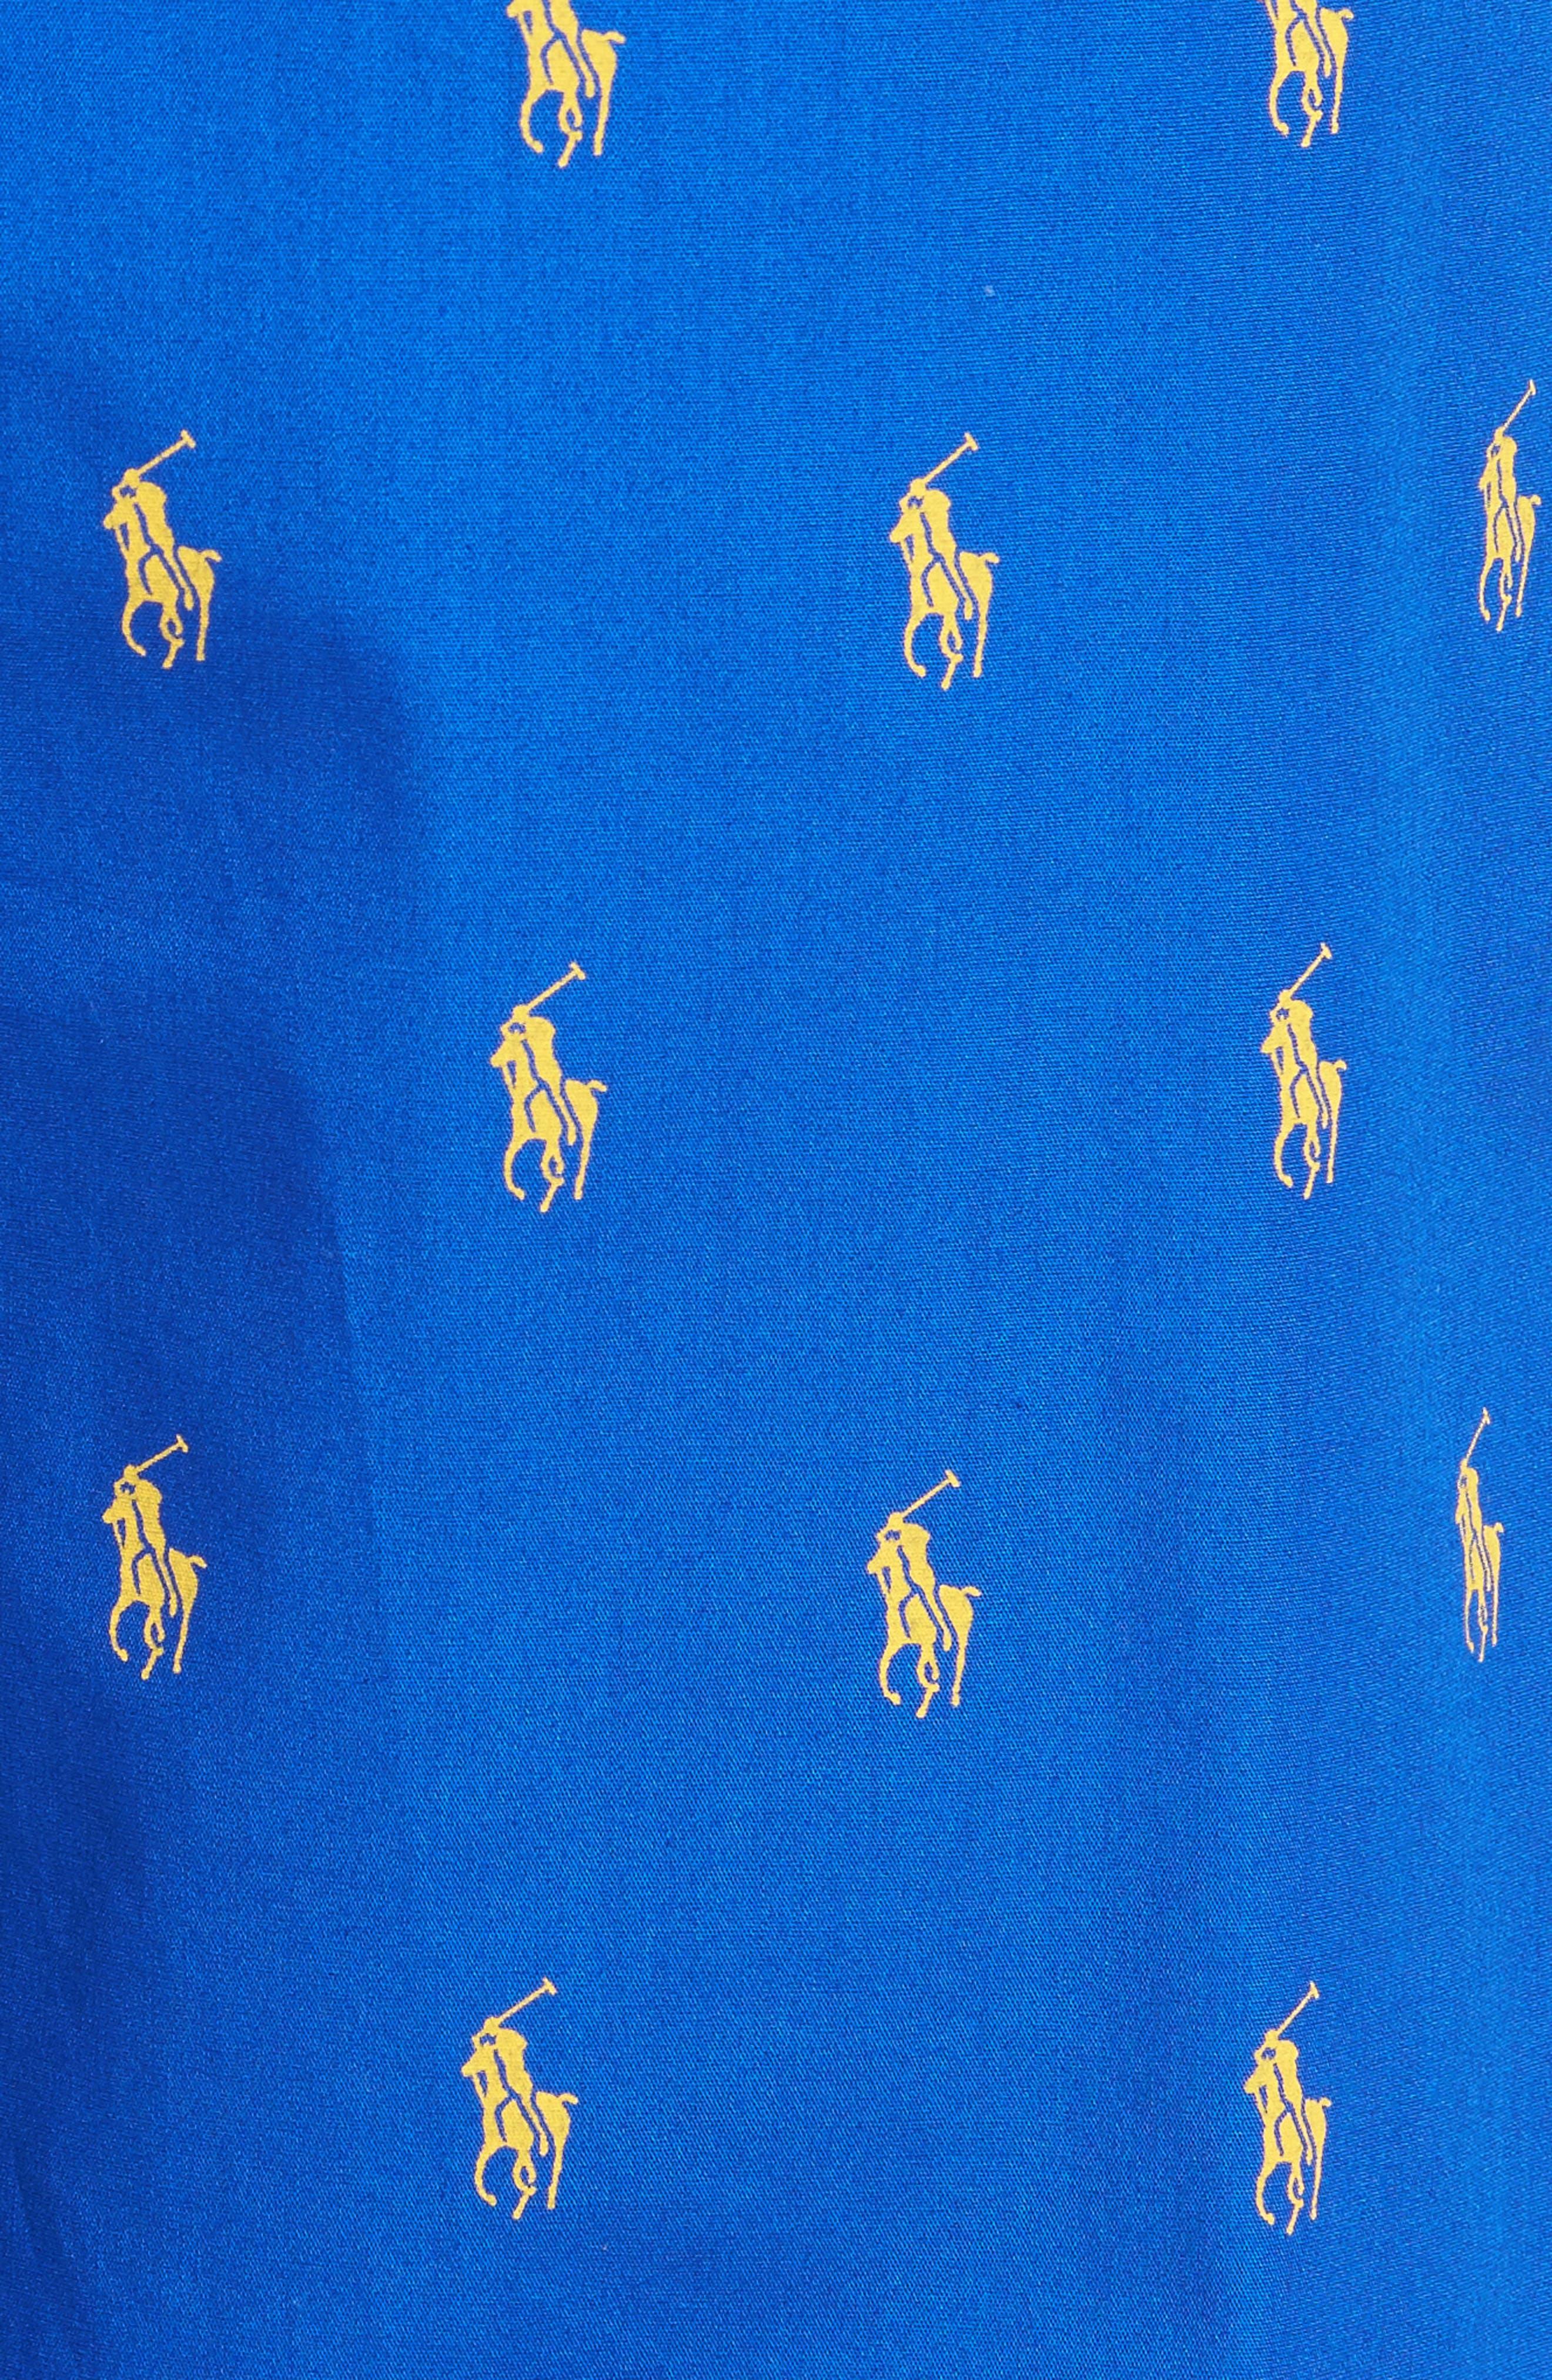 Polo Ralph Lauren Cotton Lounge Pants,                             Alternate thumbnail 23, color,